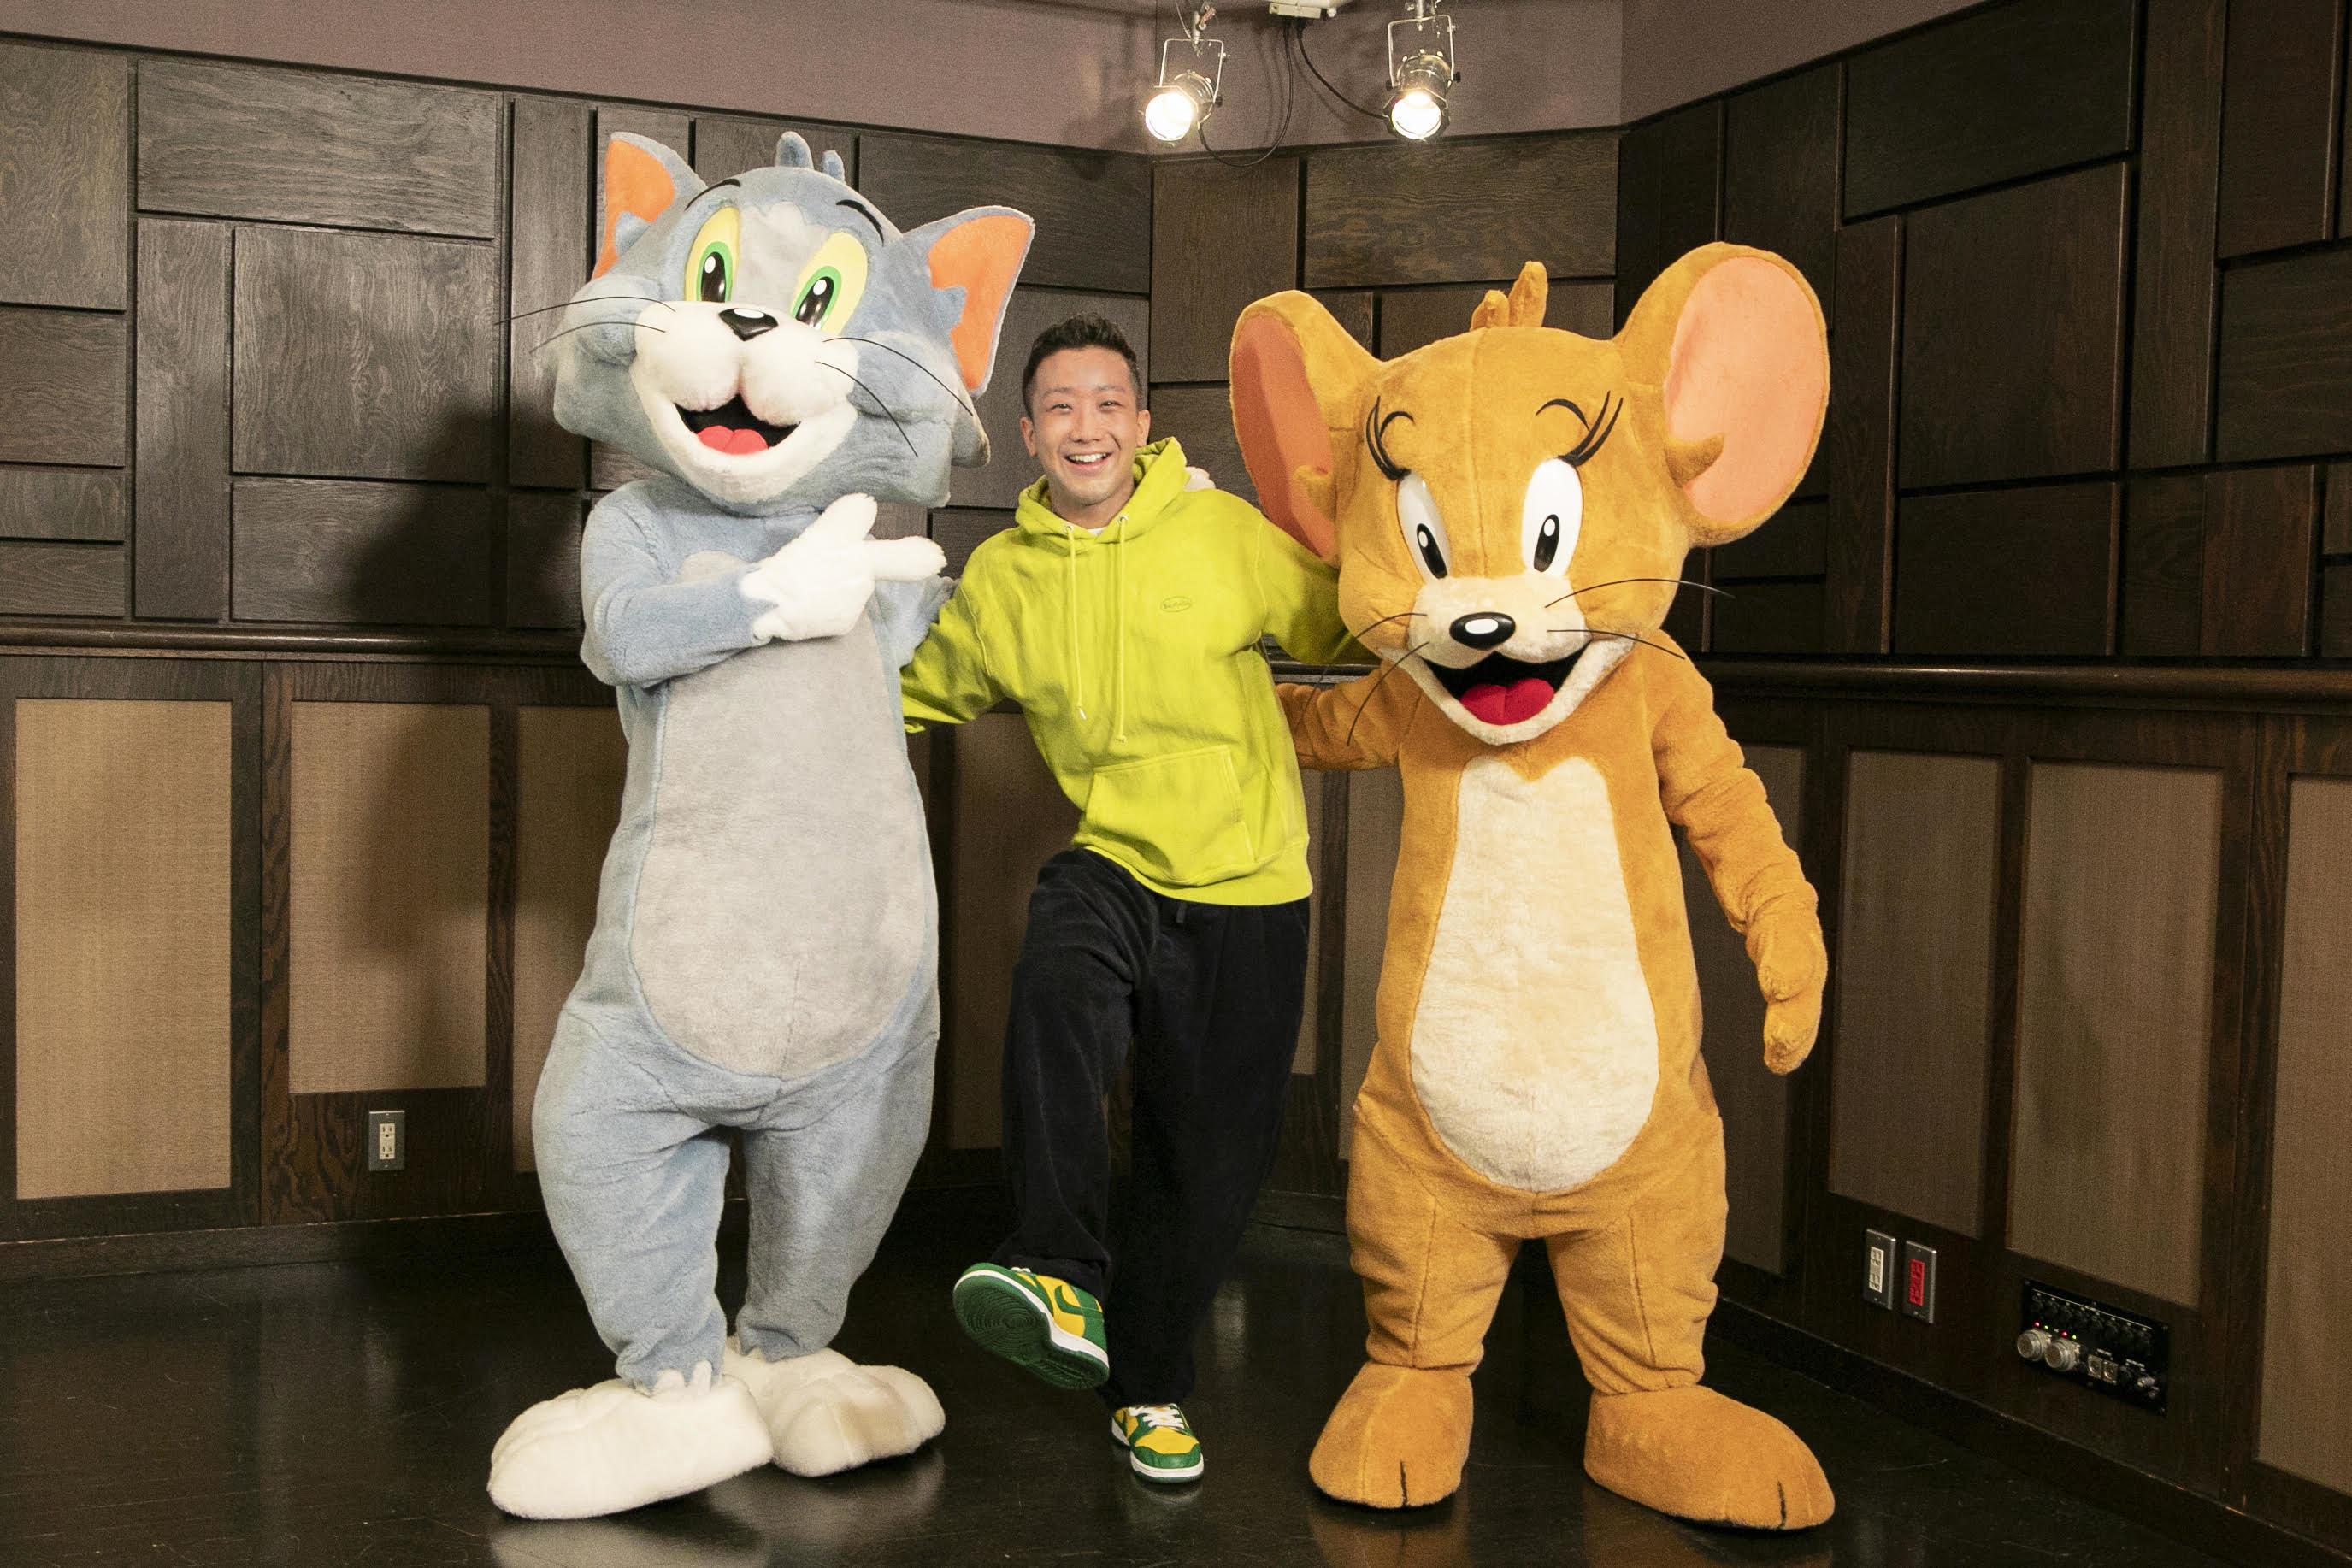 左から、トム、瑛人、ジェリー (C)2020 Warner Bros. All Rights Reserved.